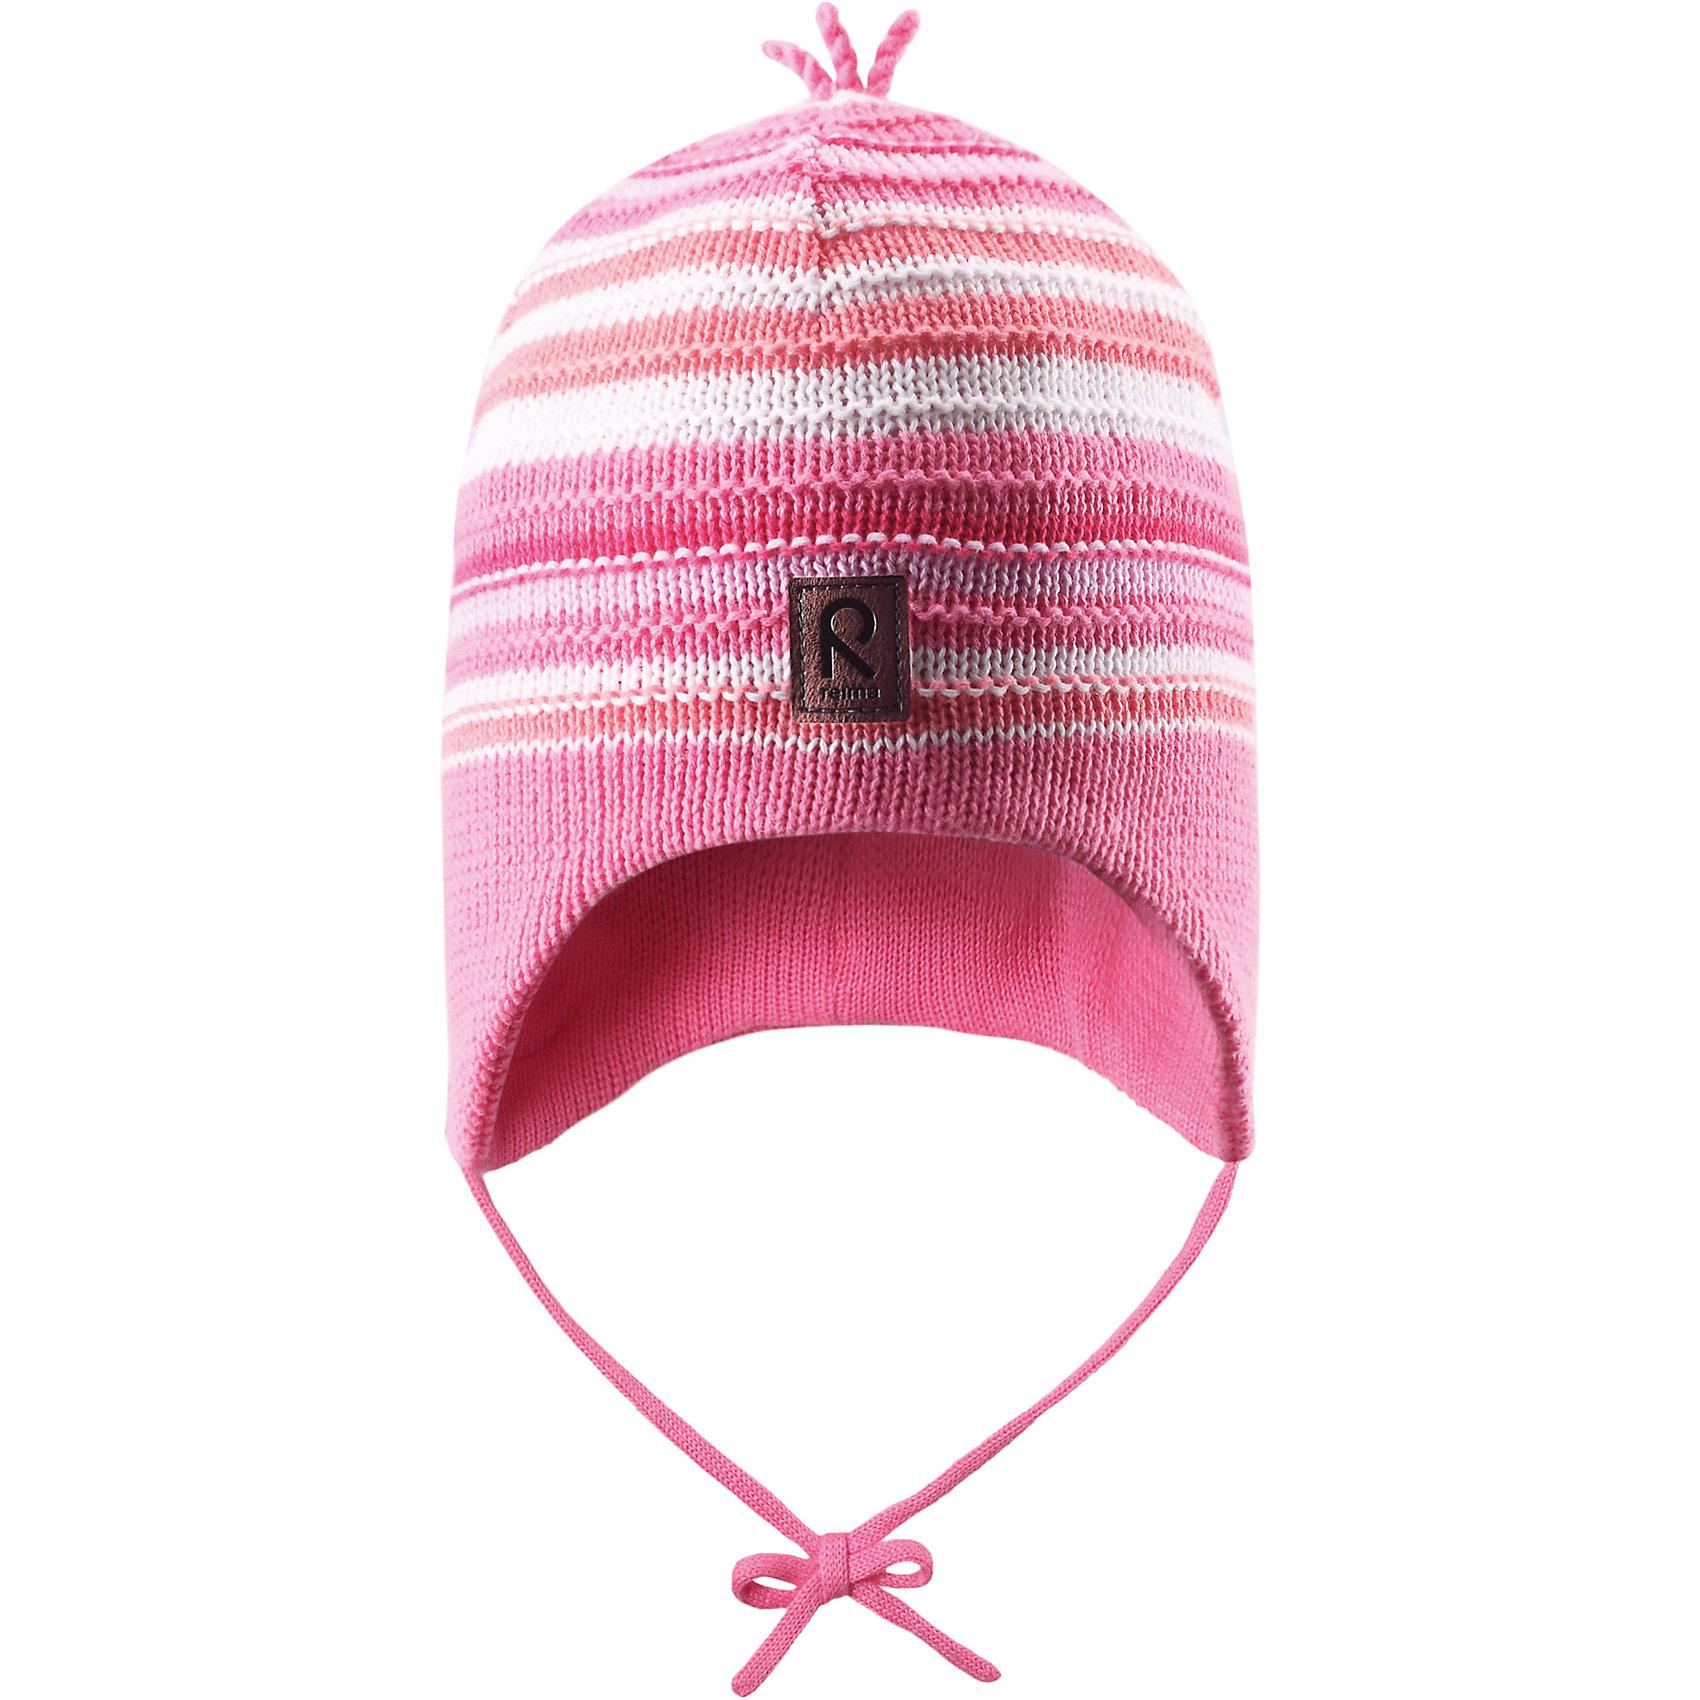 Шапка для девочки ReimaВесне мы дарим свежесть красок! Эта веселая полосатая шапочка для малышей — идеальный выбор для теплых весенних деньков. Она изготовлена из мягкого вязаного хлопка и имеет ветронепроницаемые вставки, которые обеспечат ушкам надежную защиту. <br><br>Дополнительная информация:<br><br>Шапка «Бини» для малышей<br>Эластичная хлопчатобумажная ткань<br>Ветронепроницаемые вставки в области ушей<br>Частичная подкладка: хлопчатобумажная ткань<br>Логотип Reima® спереди<br>Состав:<br>100% хлопок<br>Уход:<br>Стирать по отдельности, вывернув наизнанку. Придать первоначальную форму вo влажном виде. Возможна усадка 5 %.<br><br>Ширина мм: 89<br>Глубина мм: 117<br>Высота мм: 44<br>Вес г: 155<br>Цвет: розовый<br>Возраст от месяцев: 9<br>Возраст до месяцев: 12<br>Пол: Женский<br>Возраст: Детский<br>Размер: 46,50,48,52<br>SKU: 4498055